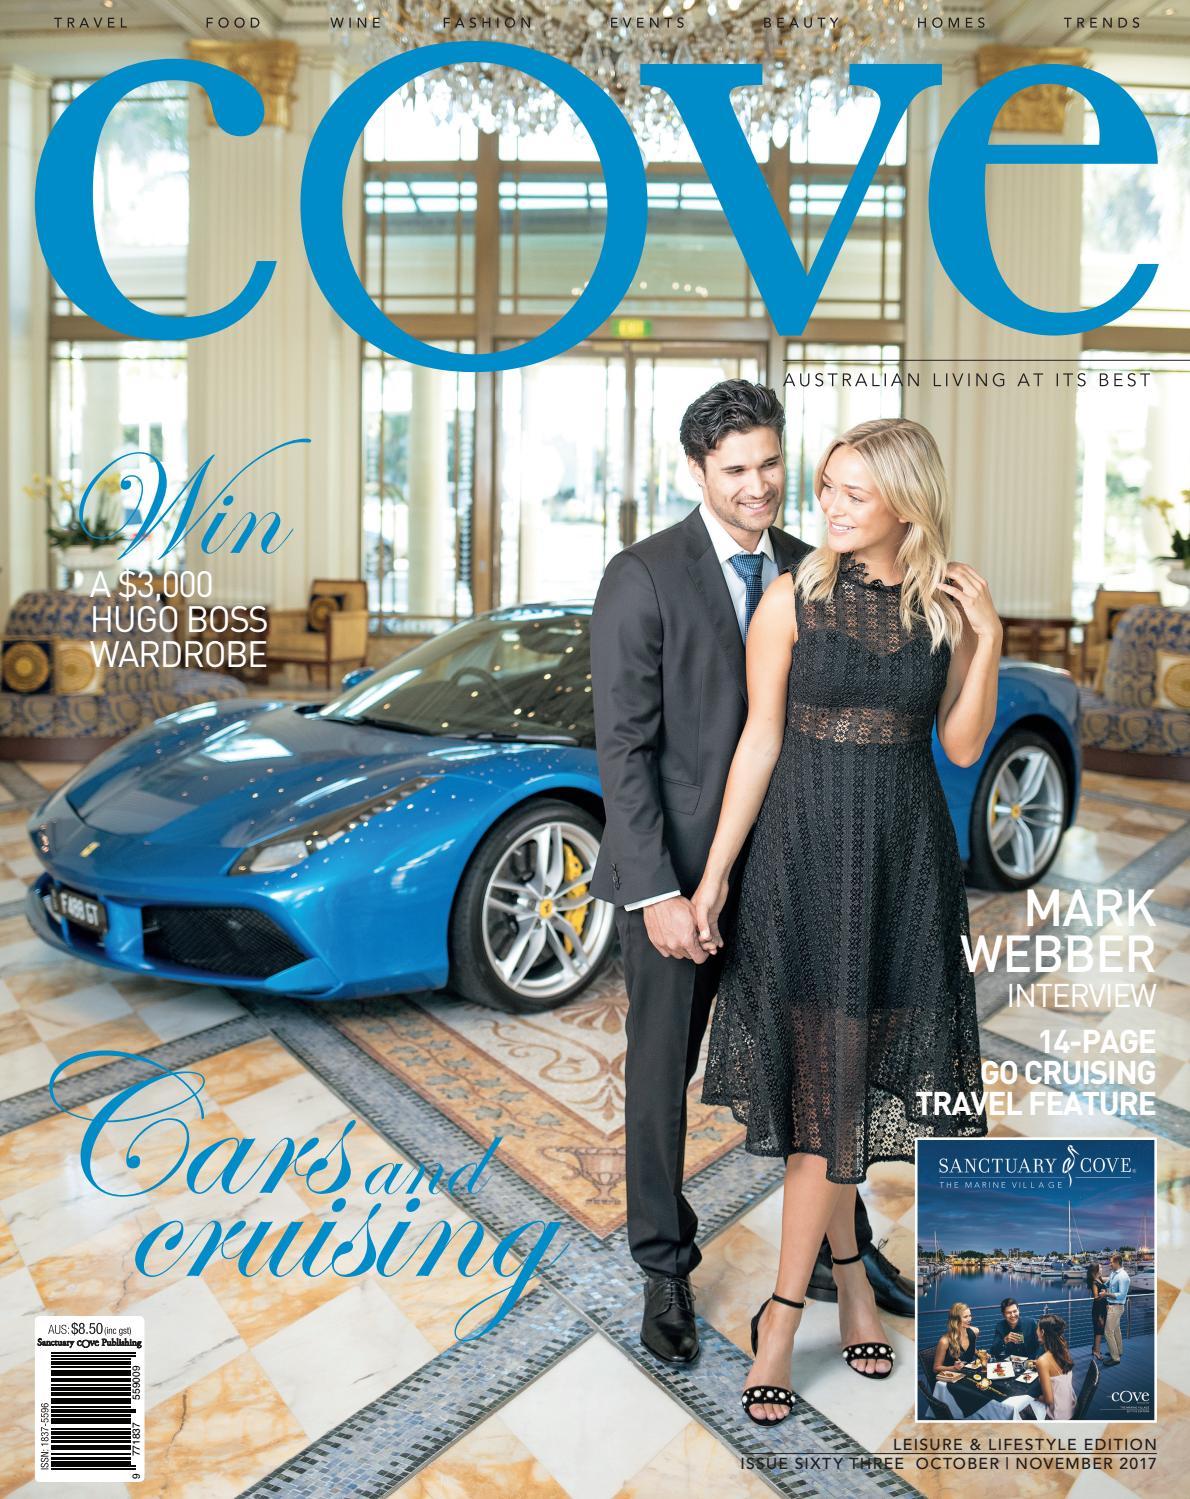 The Cove Magazine